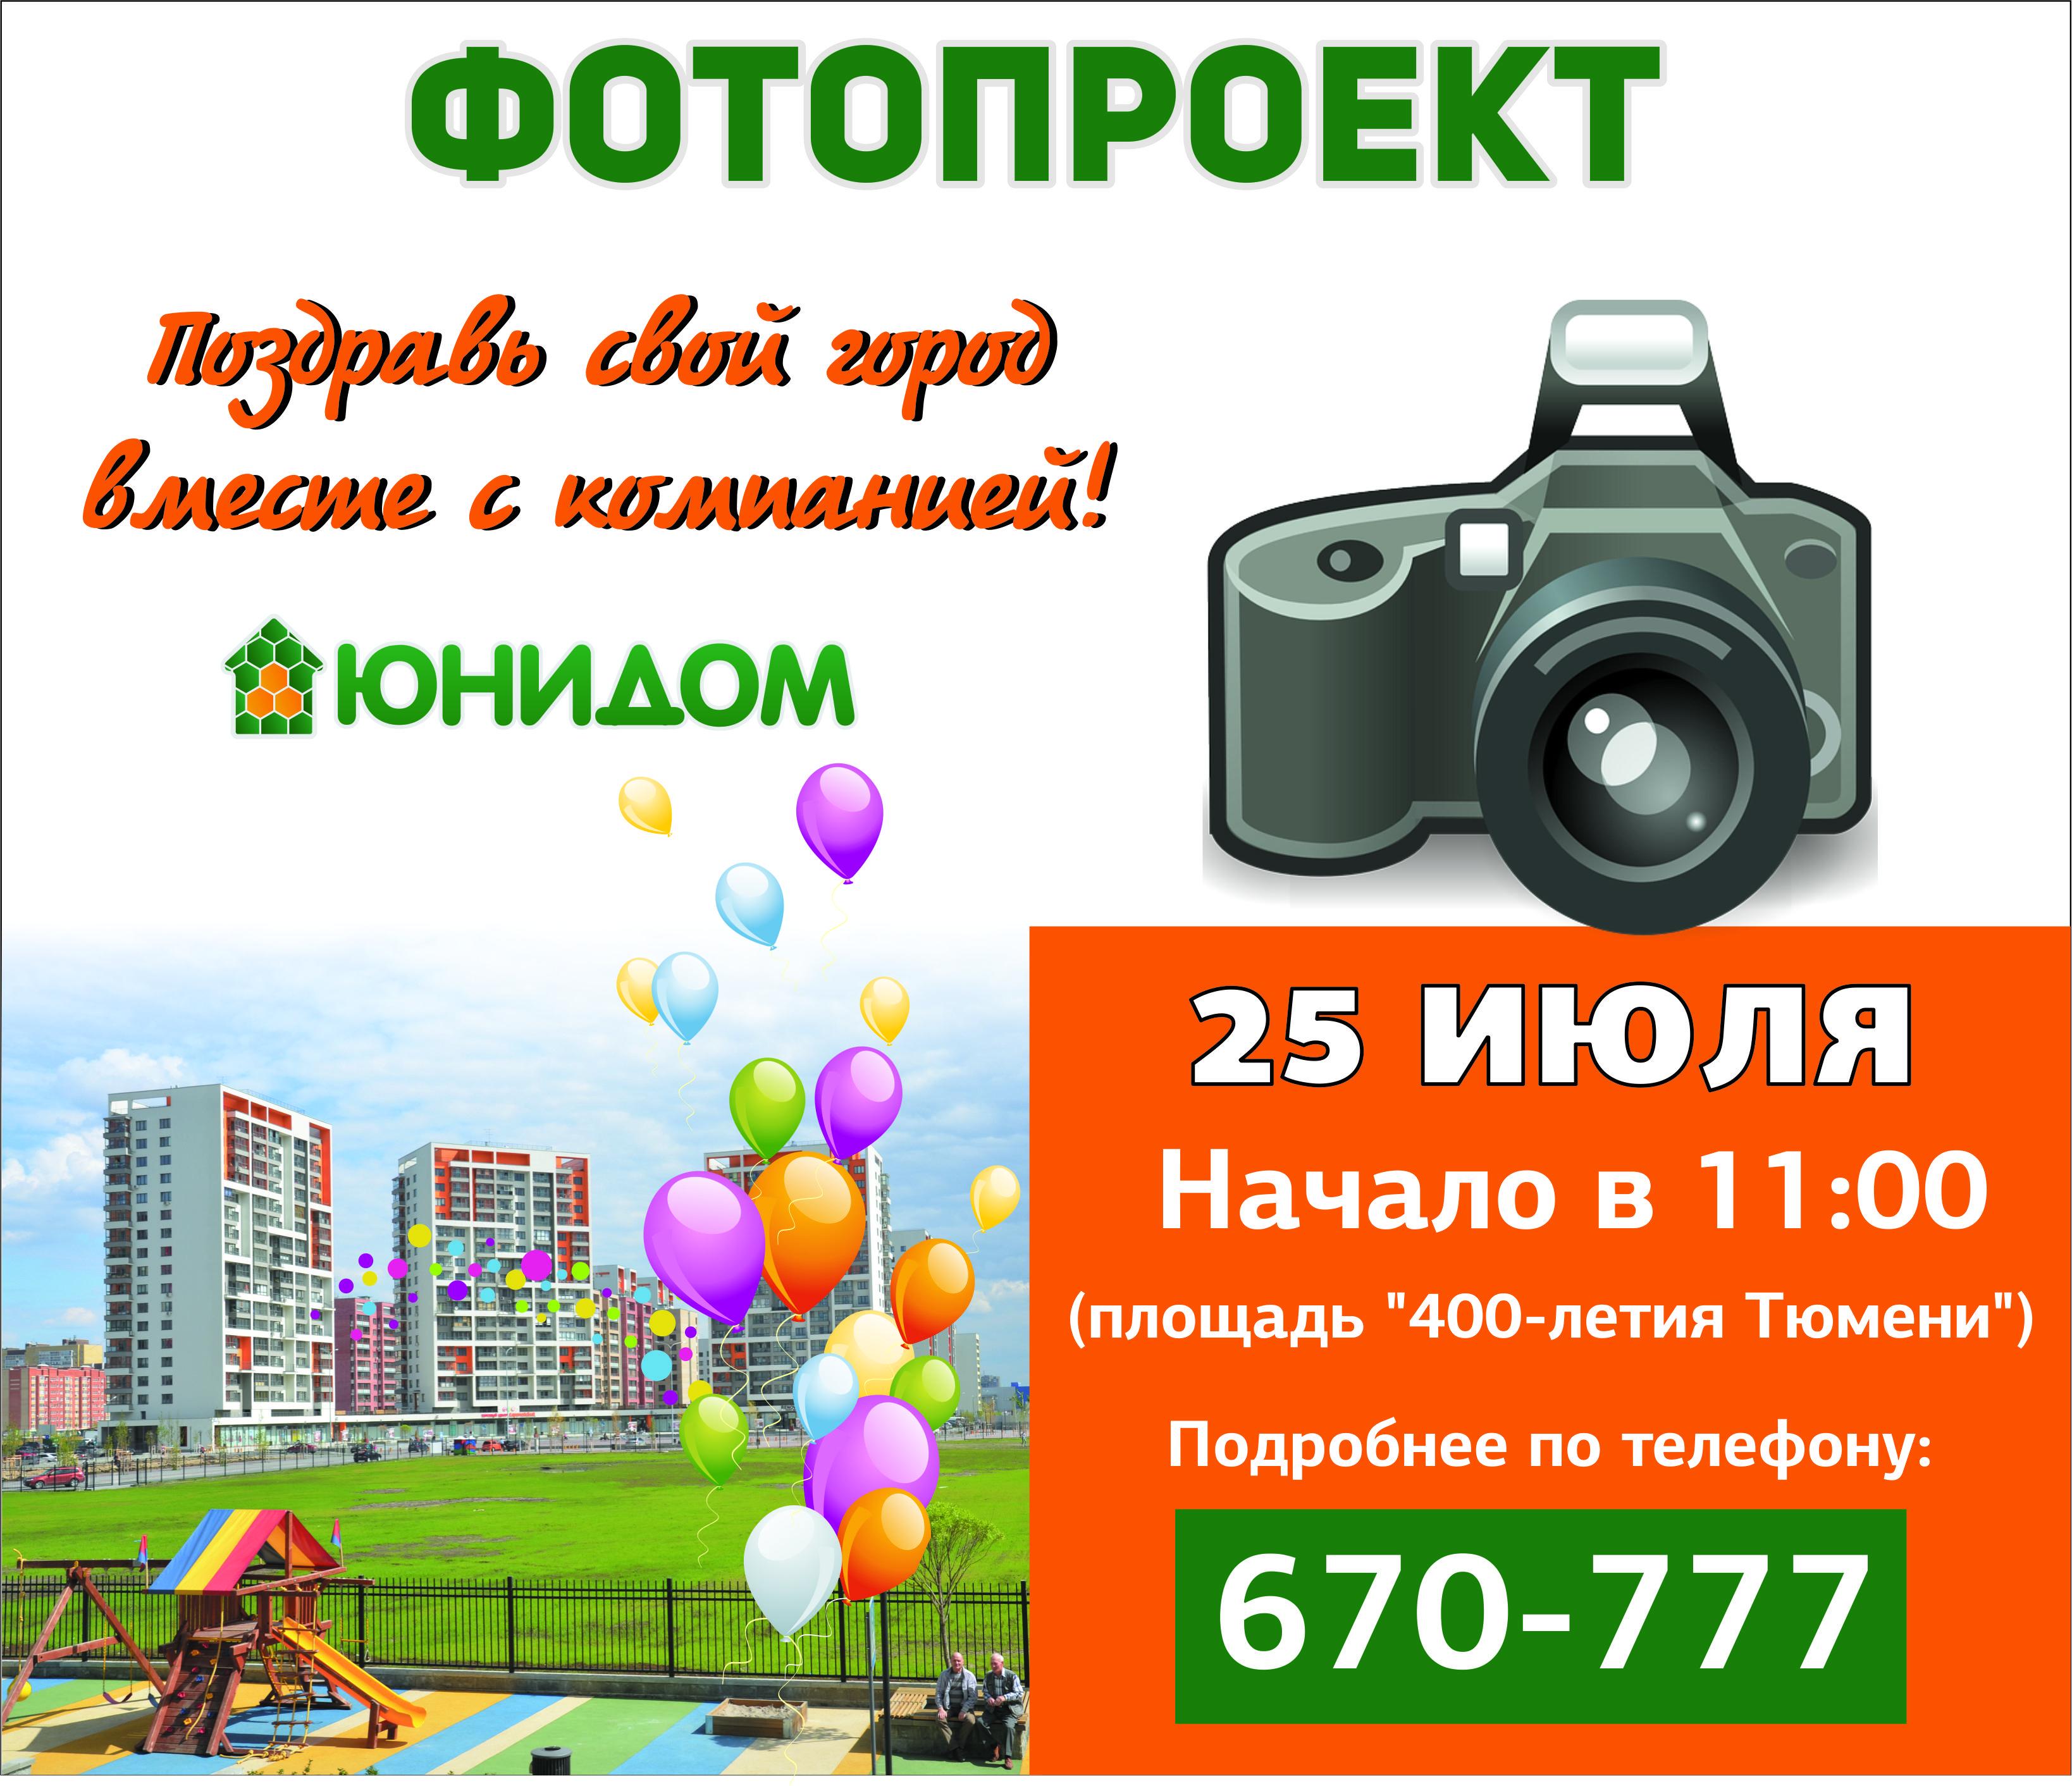 Поздравь город вместе с компанией «ЮНИДОМ» 25 июля!